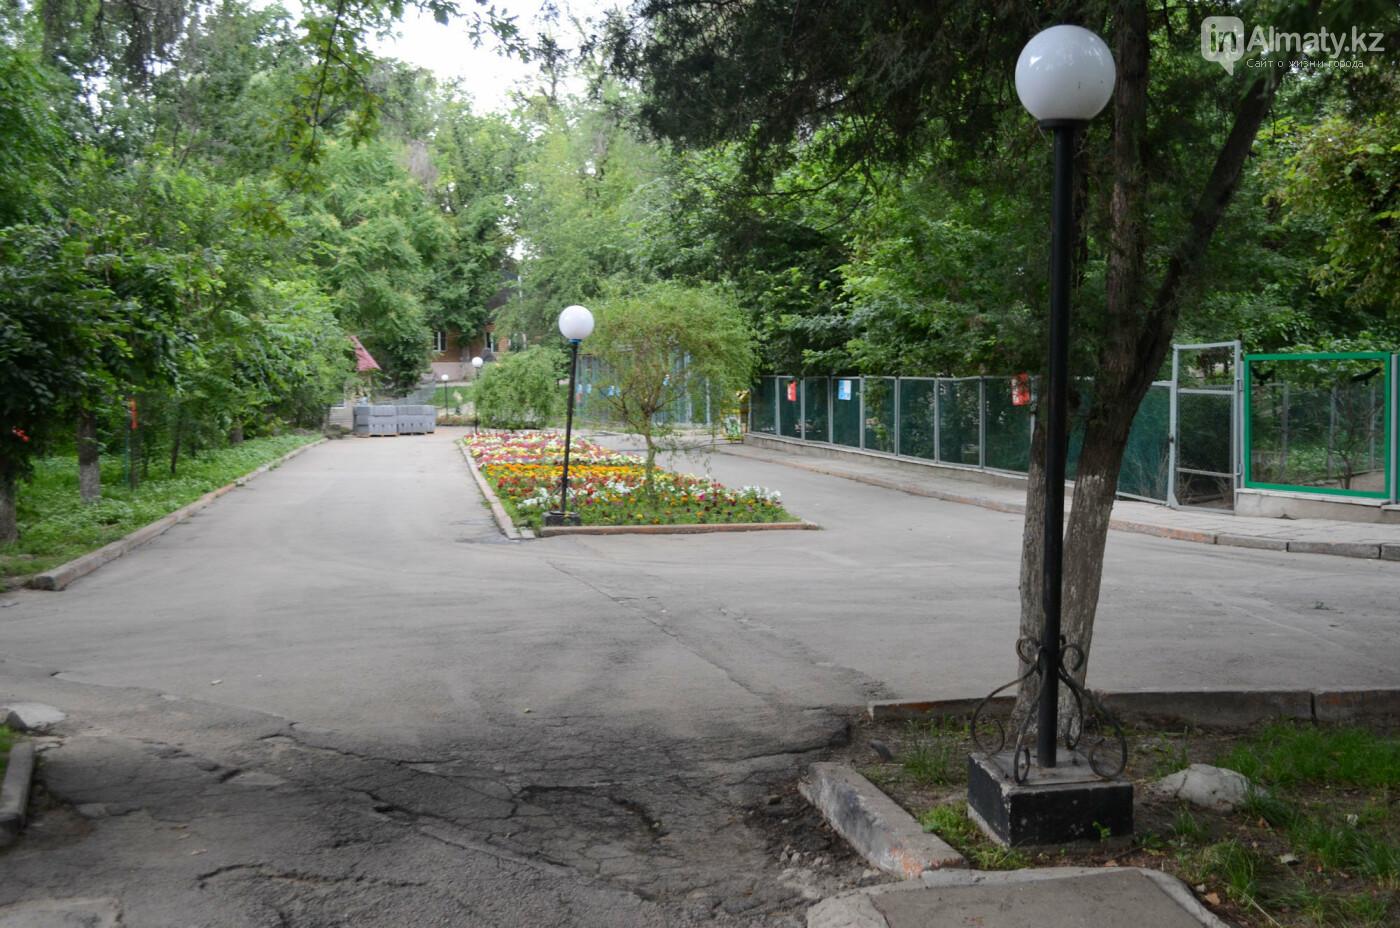 Барсы могут появиться здесь осенью: интервью нового директора Алматинского зоопарка, фото-4